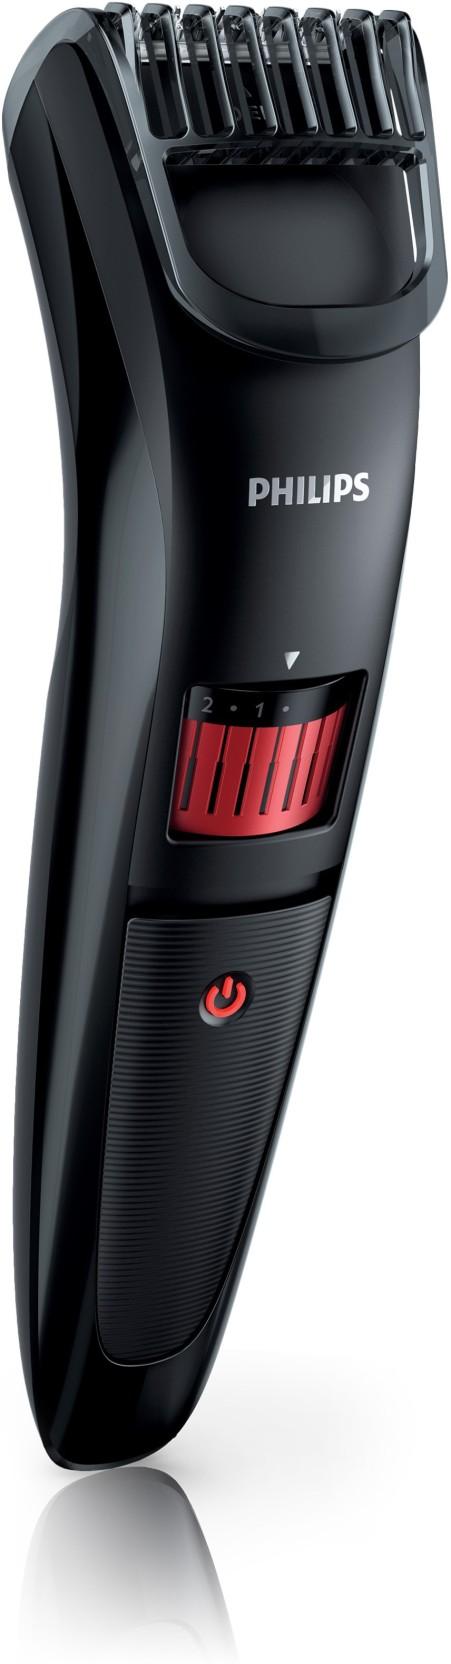 philips qt4005 15 pro skin advanced trimmer for men philips. Black Bedroom Furniture Sets. Home Design Ideas